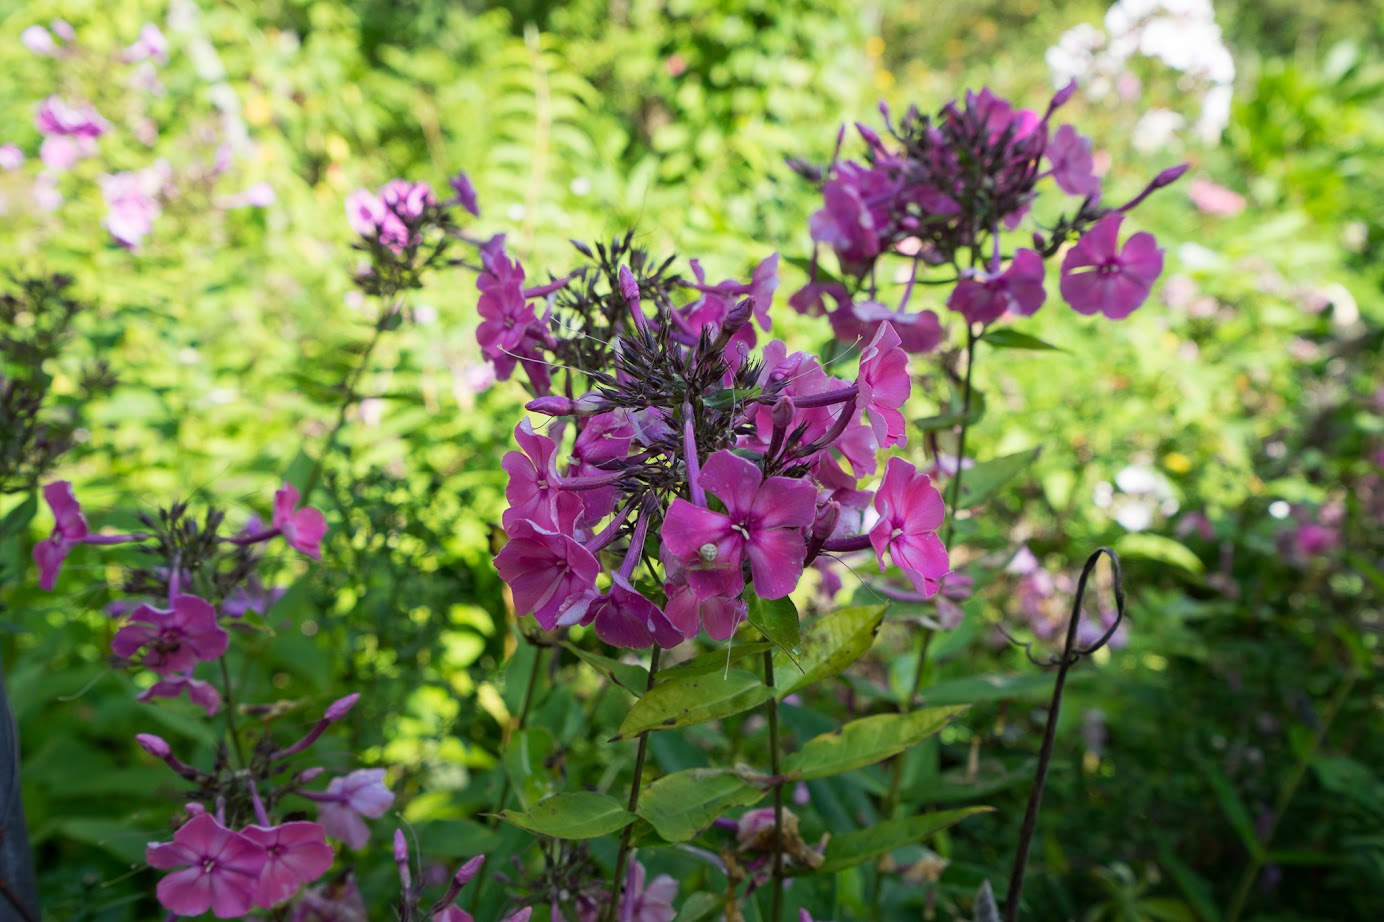 園内8haの敷地に800種類以上の花が咲く